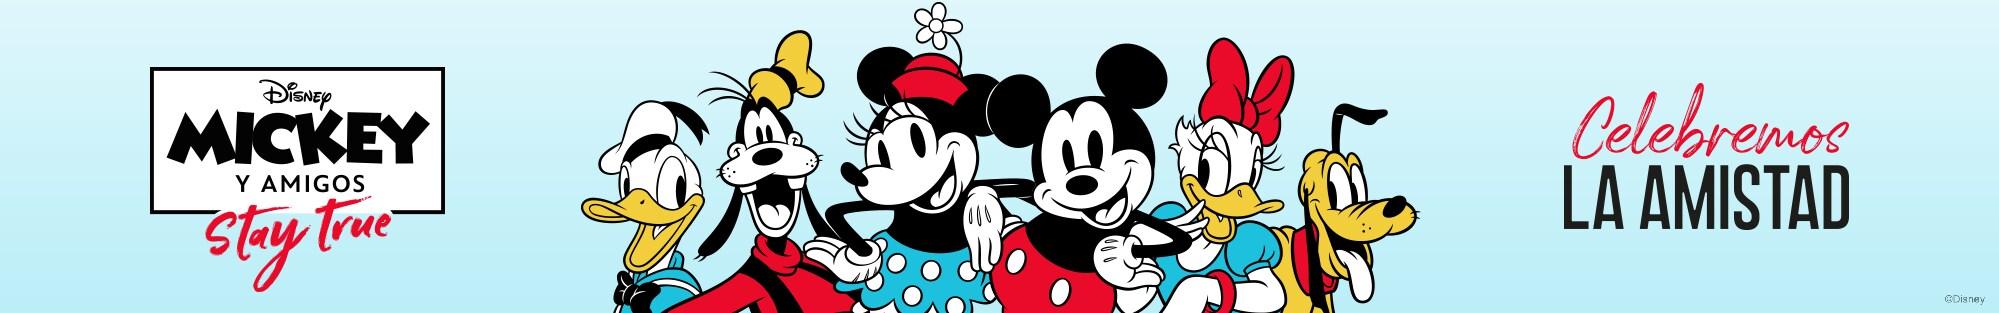 Top_ShopDisney_Disney_Jul20_Mickey & Friends